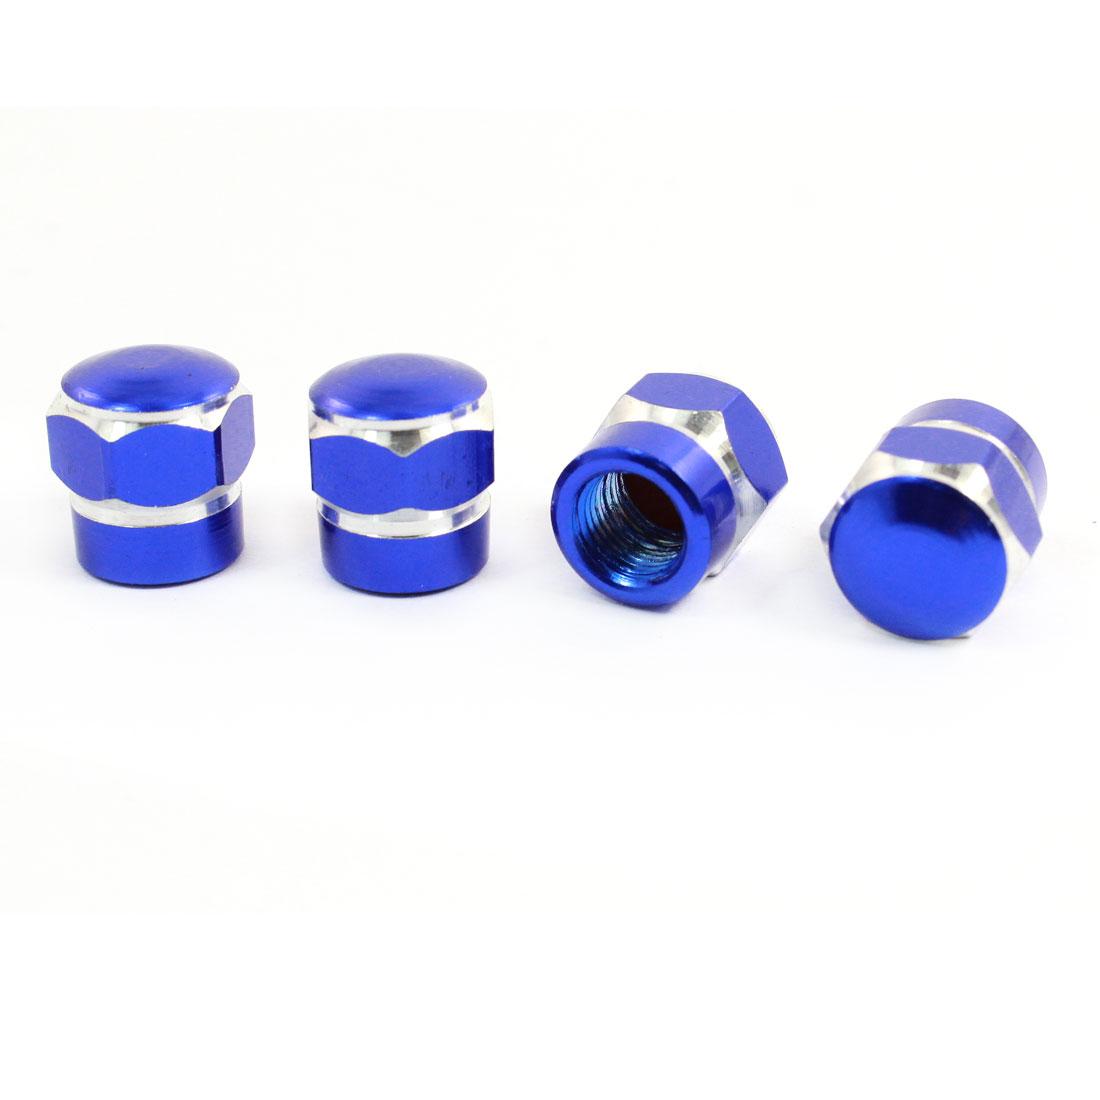 4 Pcs Blue Hex Metal Auto Car Tire Valve Stem Cap Cover Decor 13 x 13mm